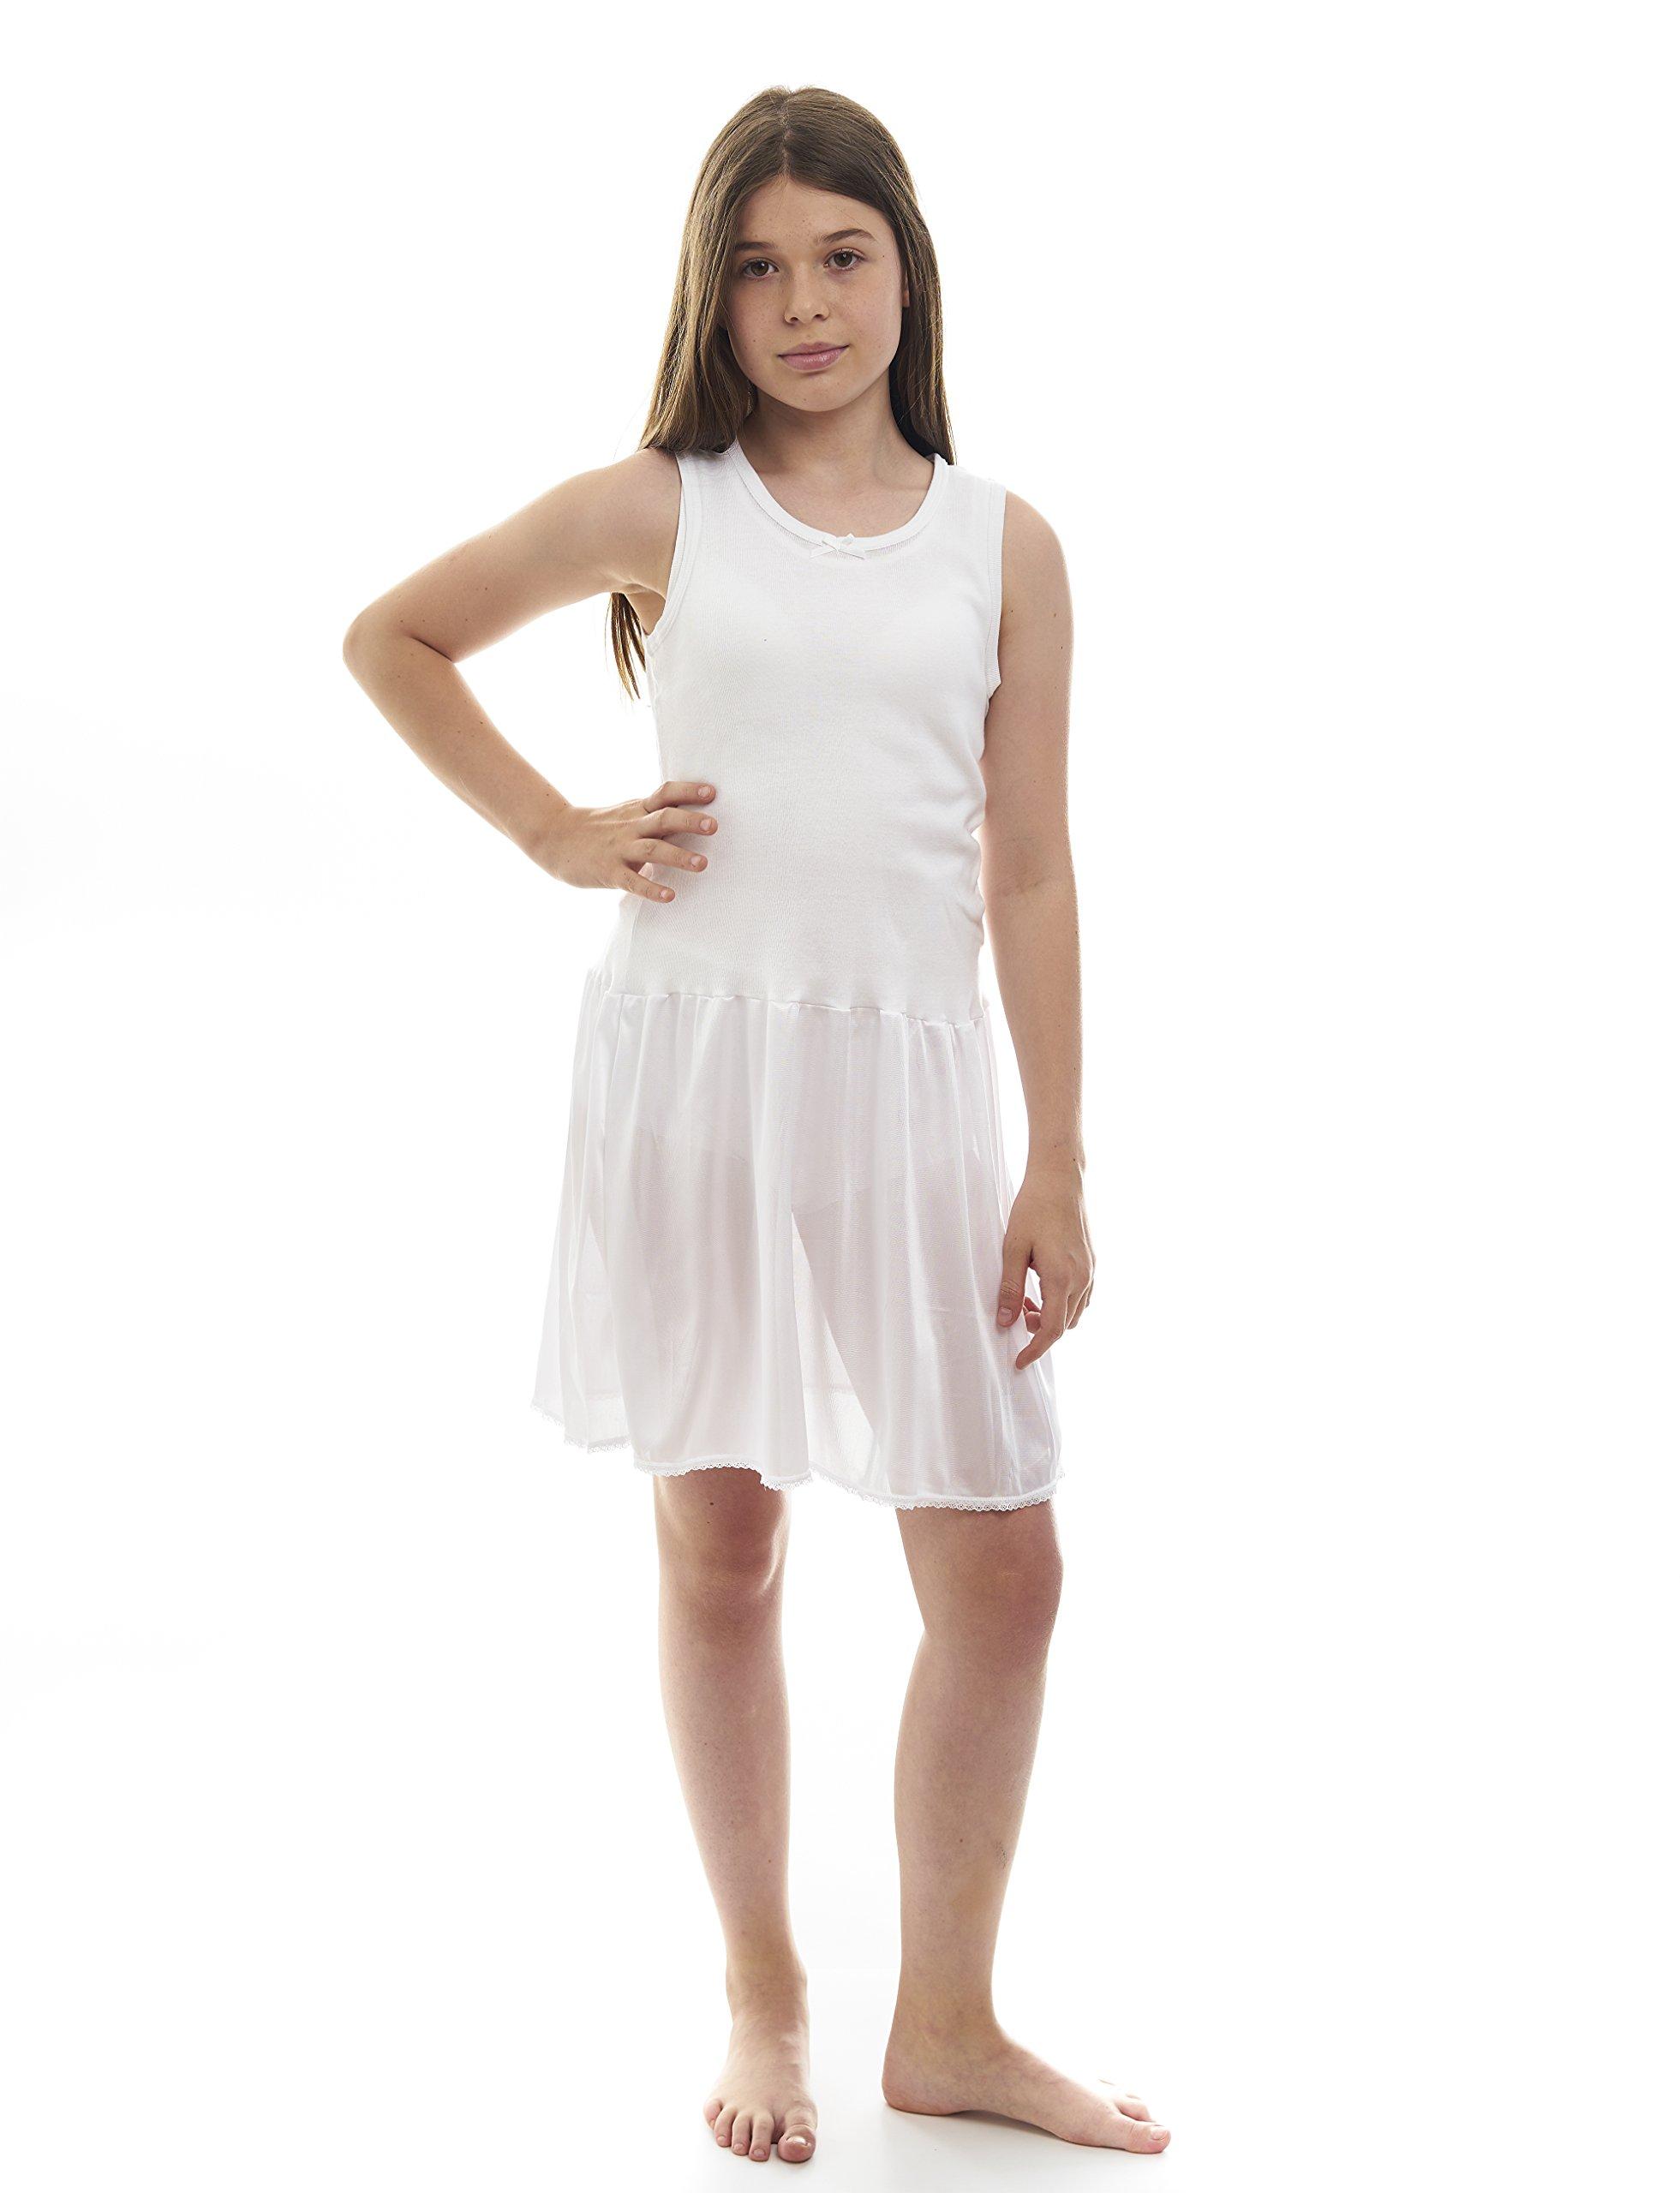 Rossette Sleeveless Full Slip for Girls – Cling Free - Cotton / Nylon Material, White, 6